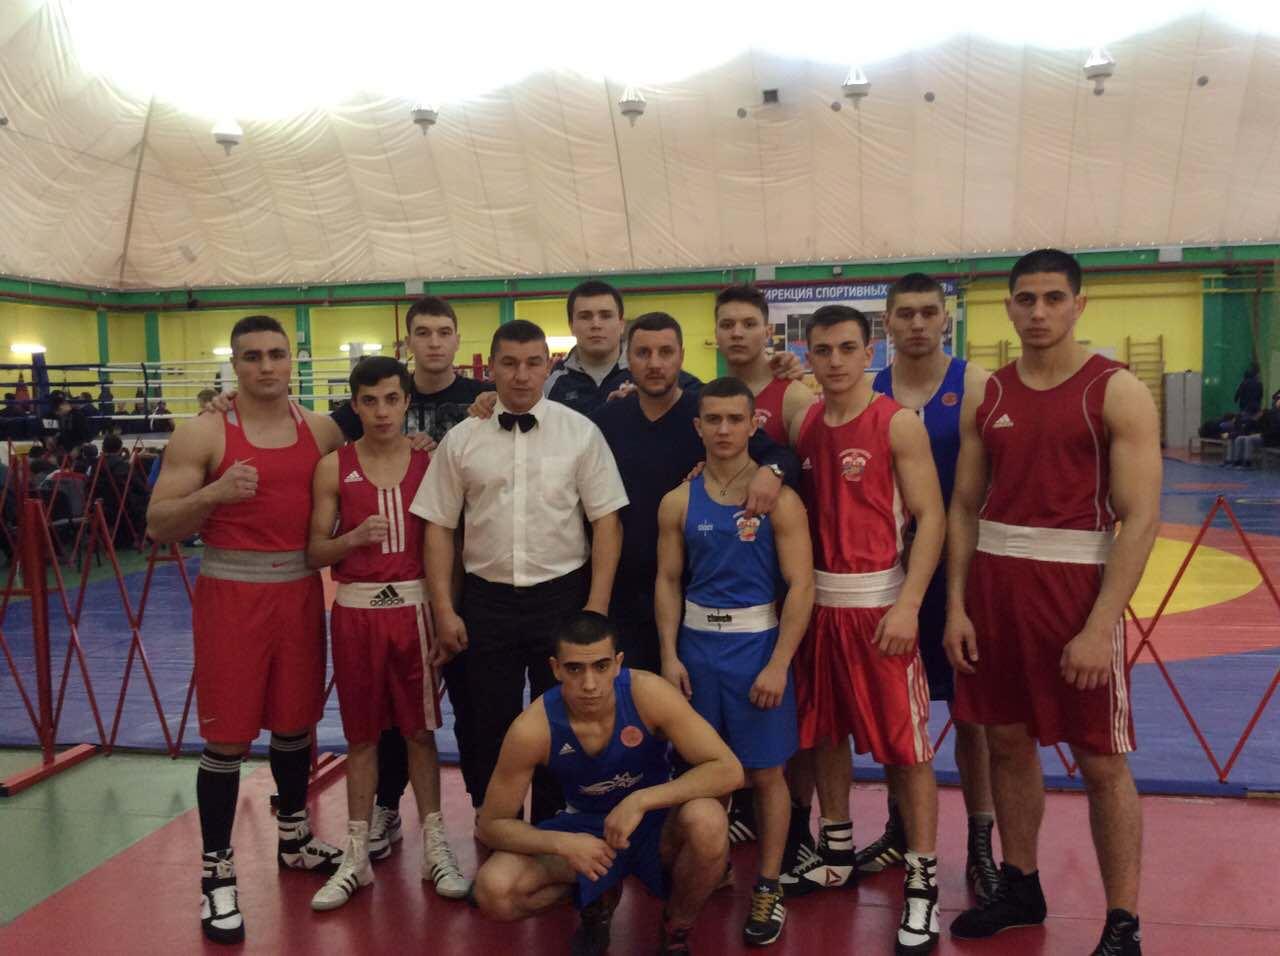 Тульскую область представляют 12 спортсменов